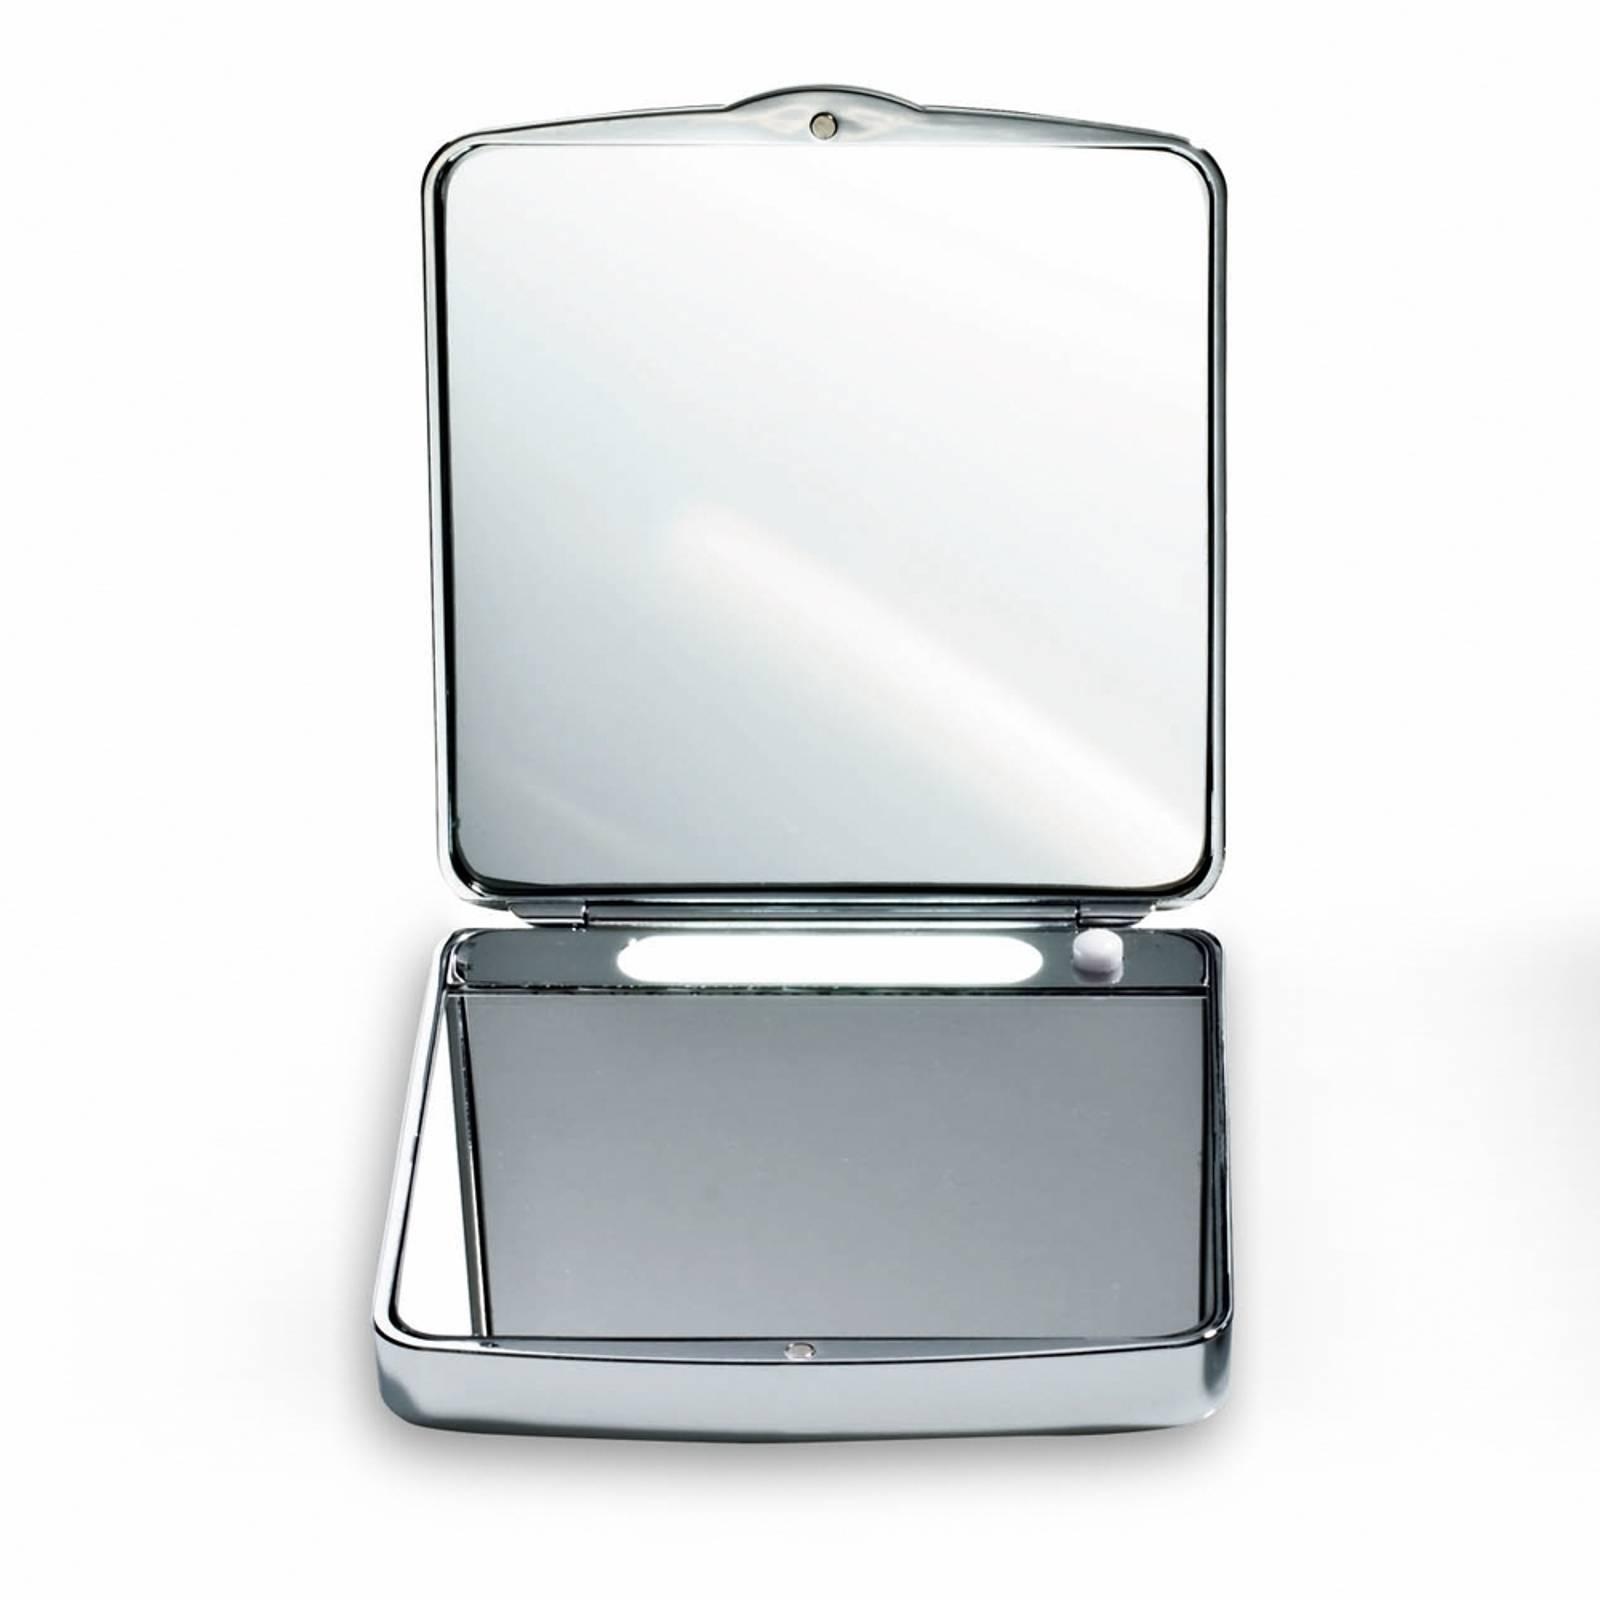 TS 1 illuminated pocket mirror